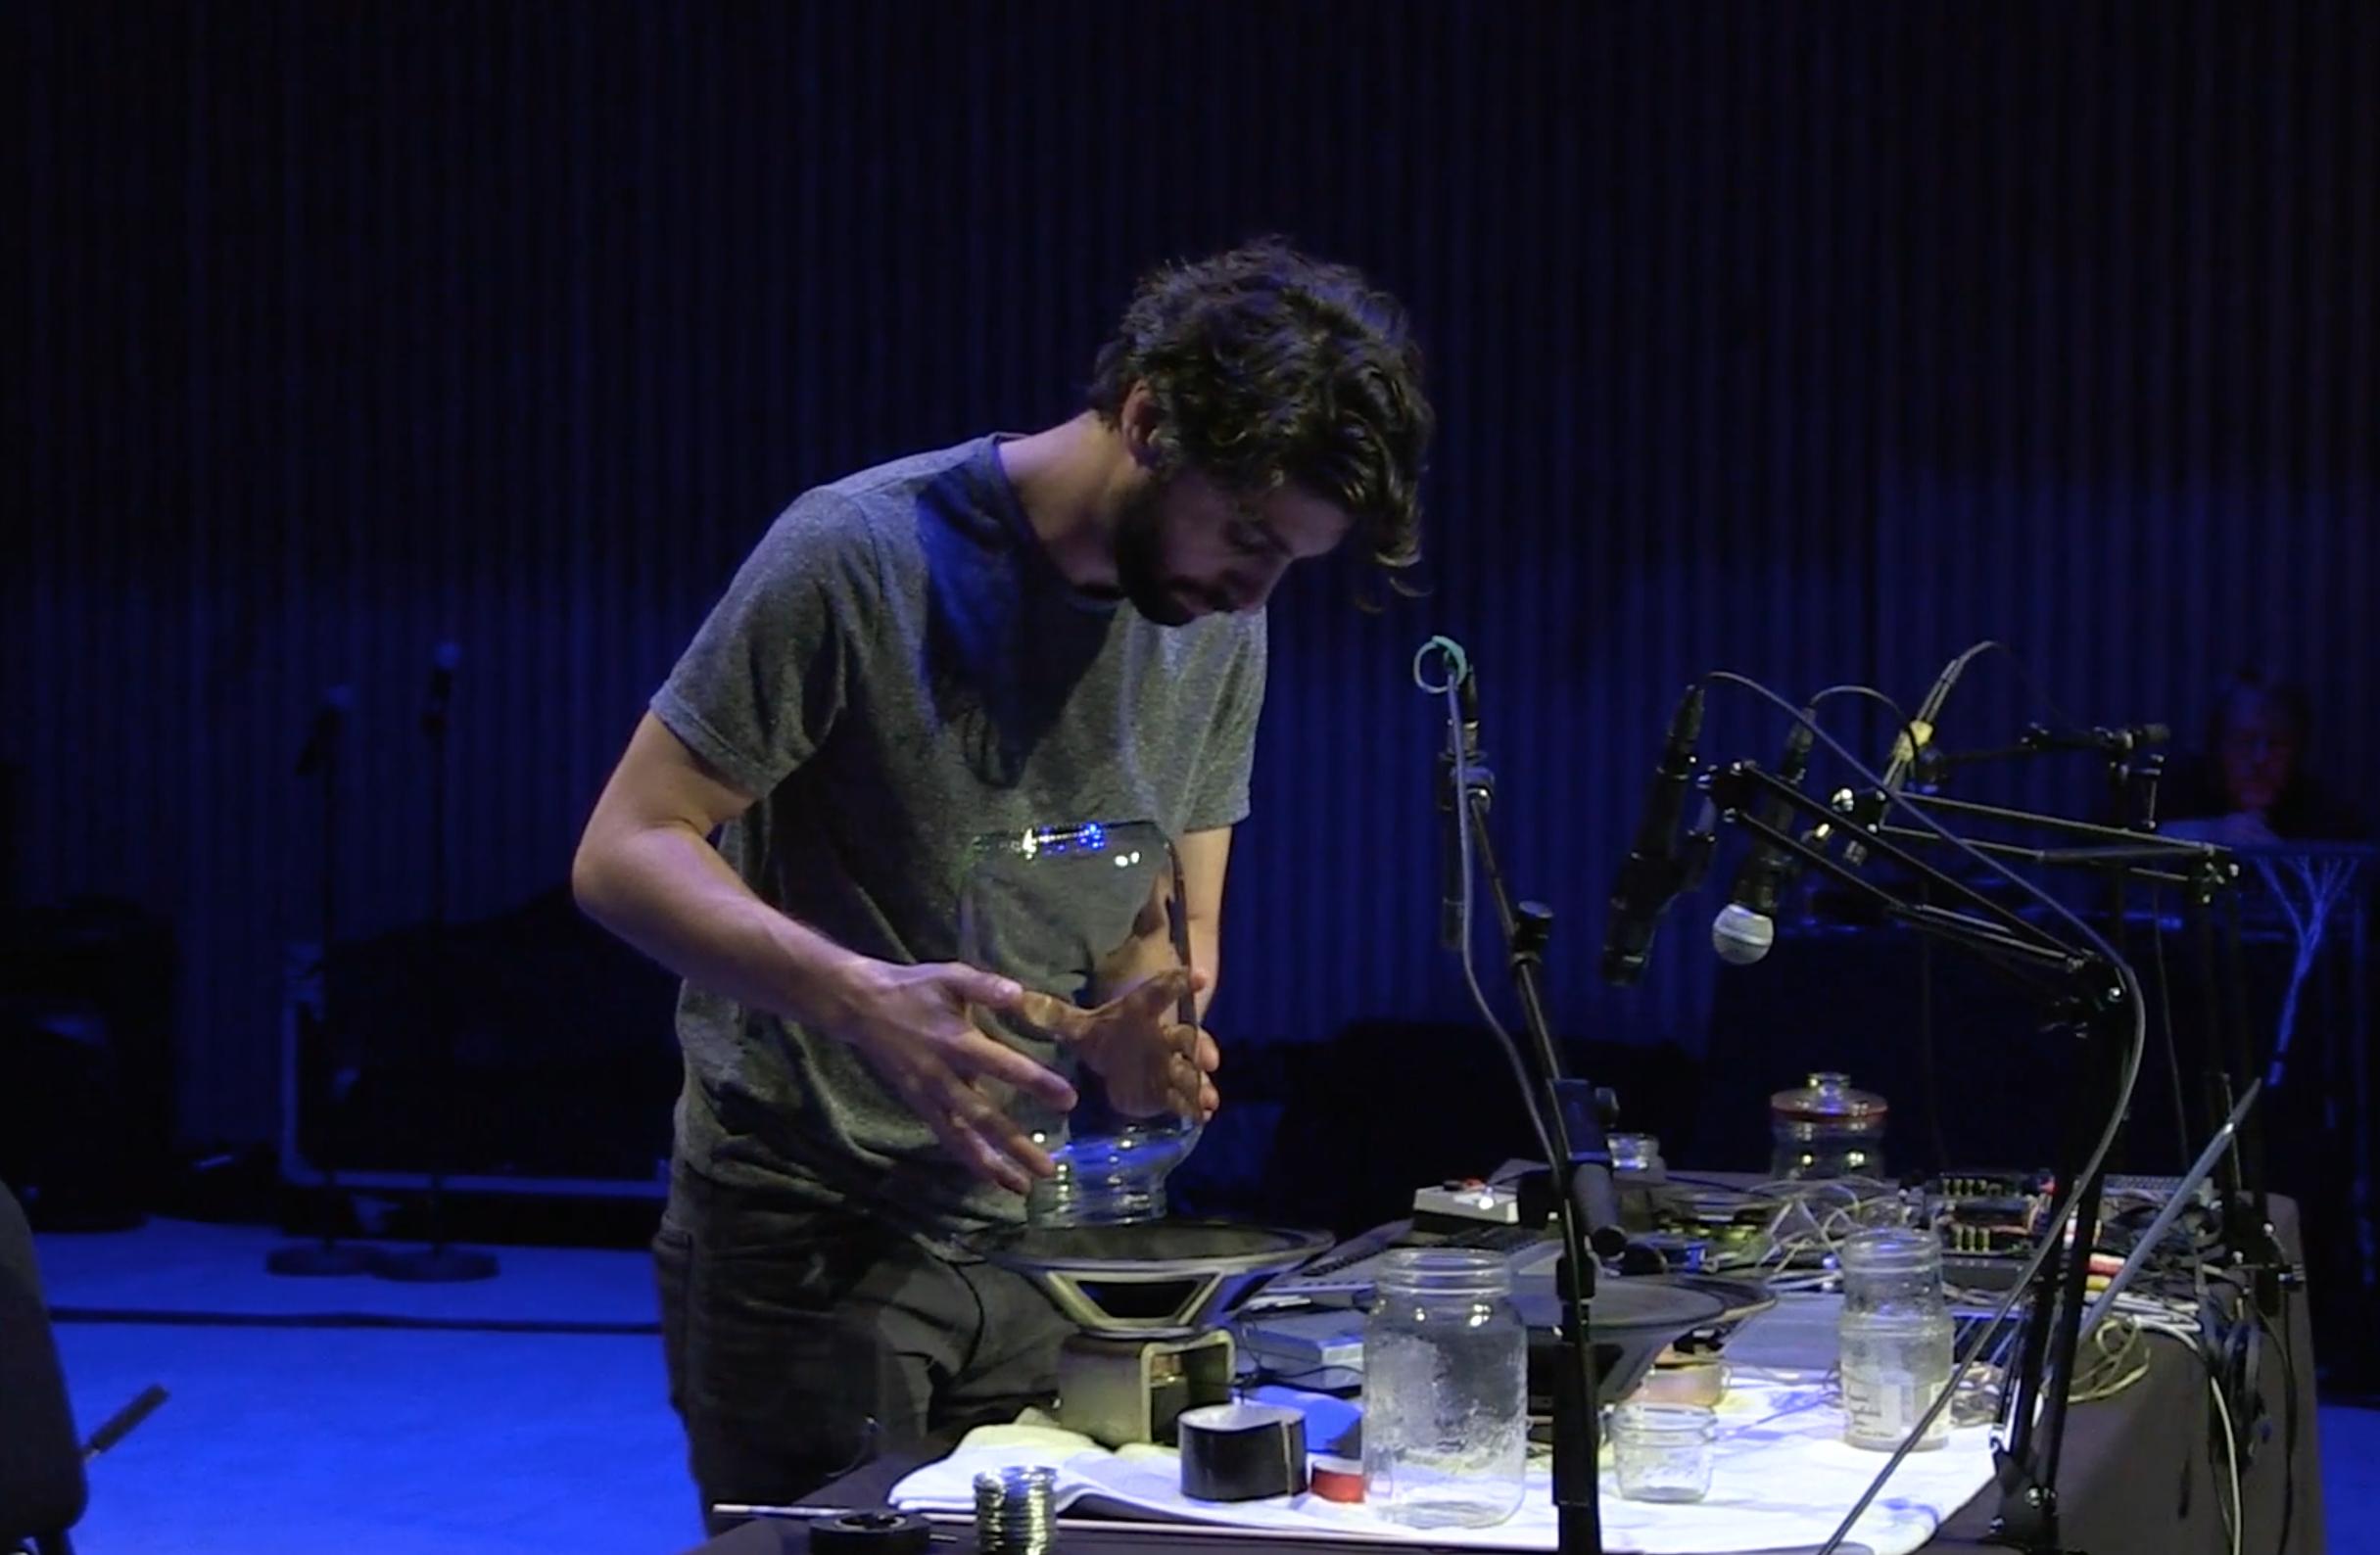 Adam Basanta uses a jar for preparing a loudspeaker.